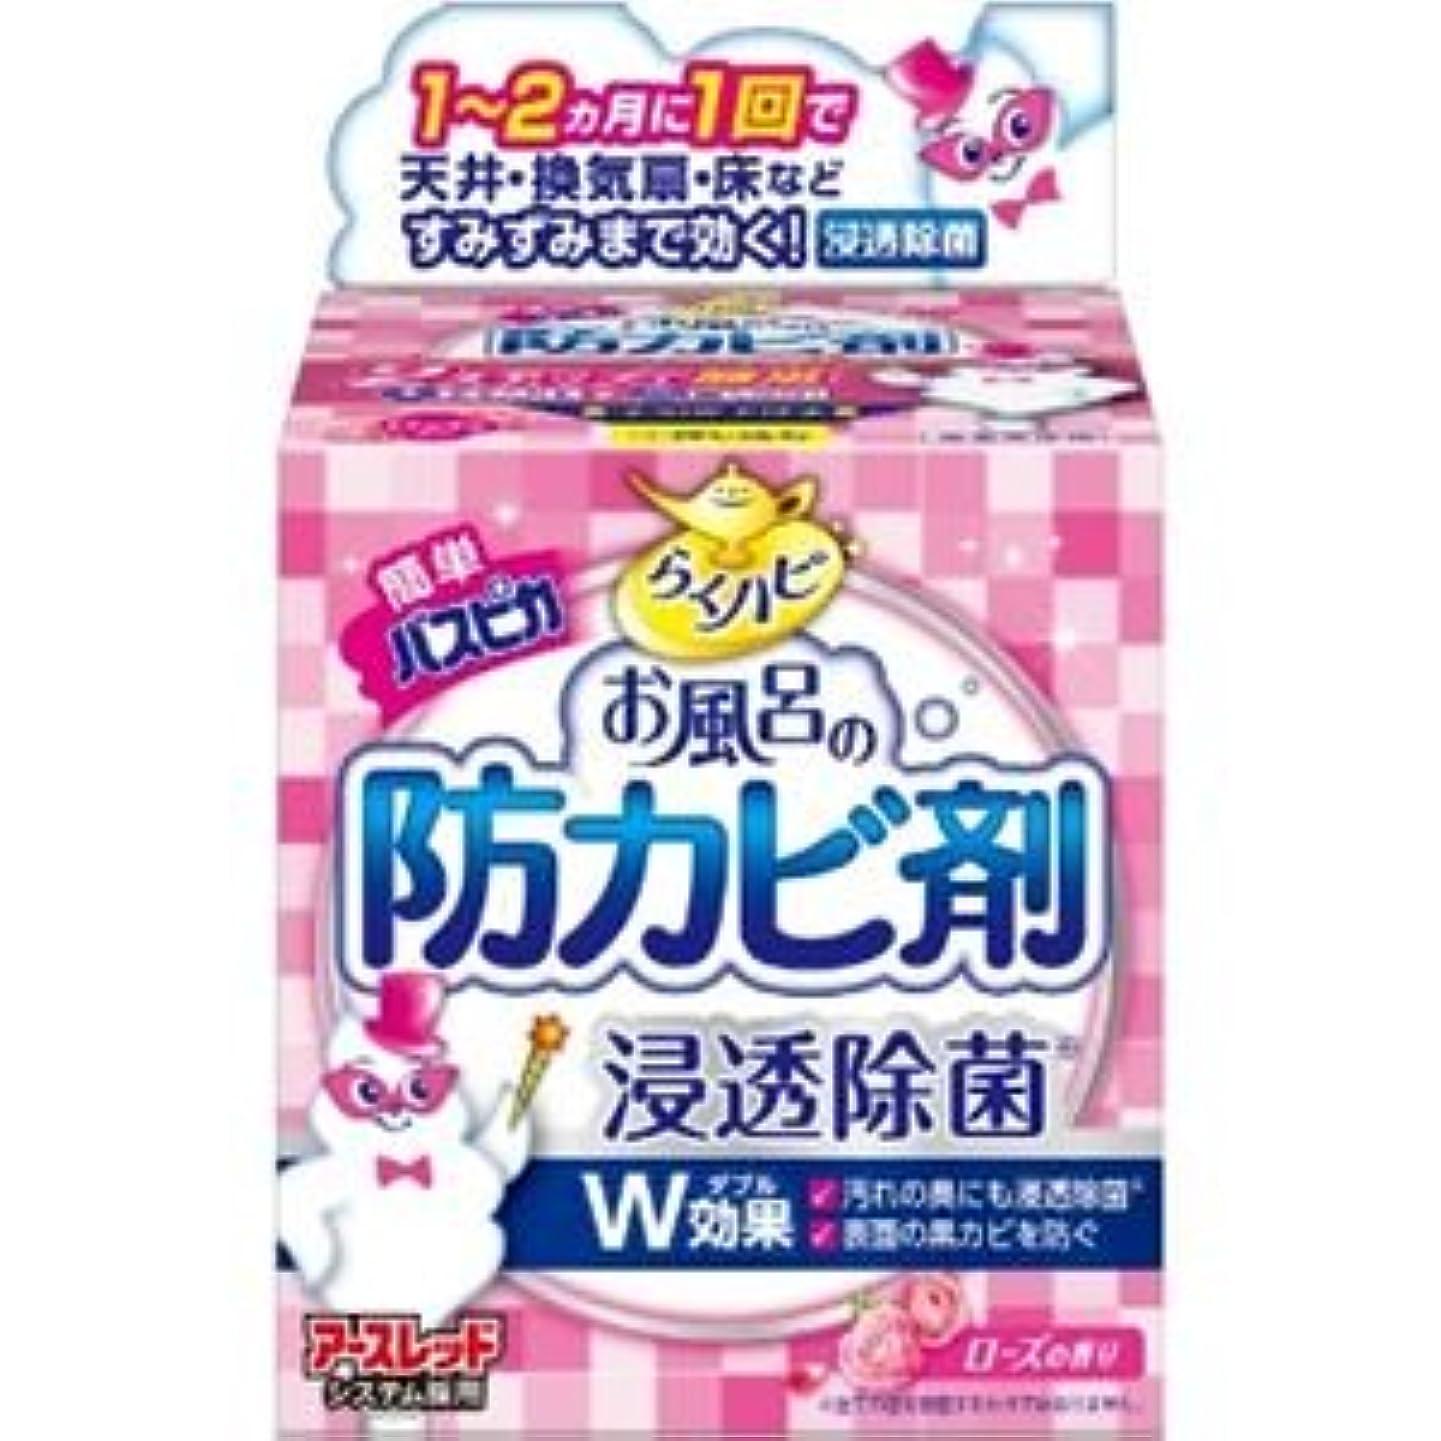 控えるペグそこ(まとめ)アース製薬 らくハピお風呂の防カビ剤ローズの香り 【×3点セット】